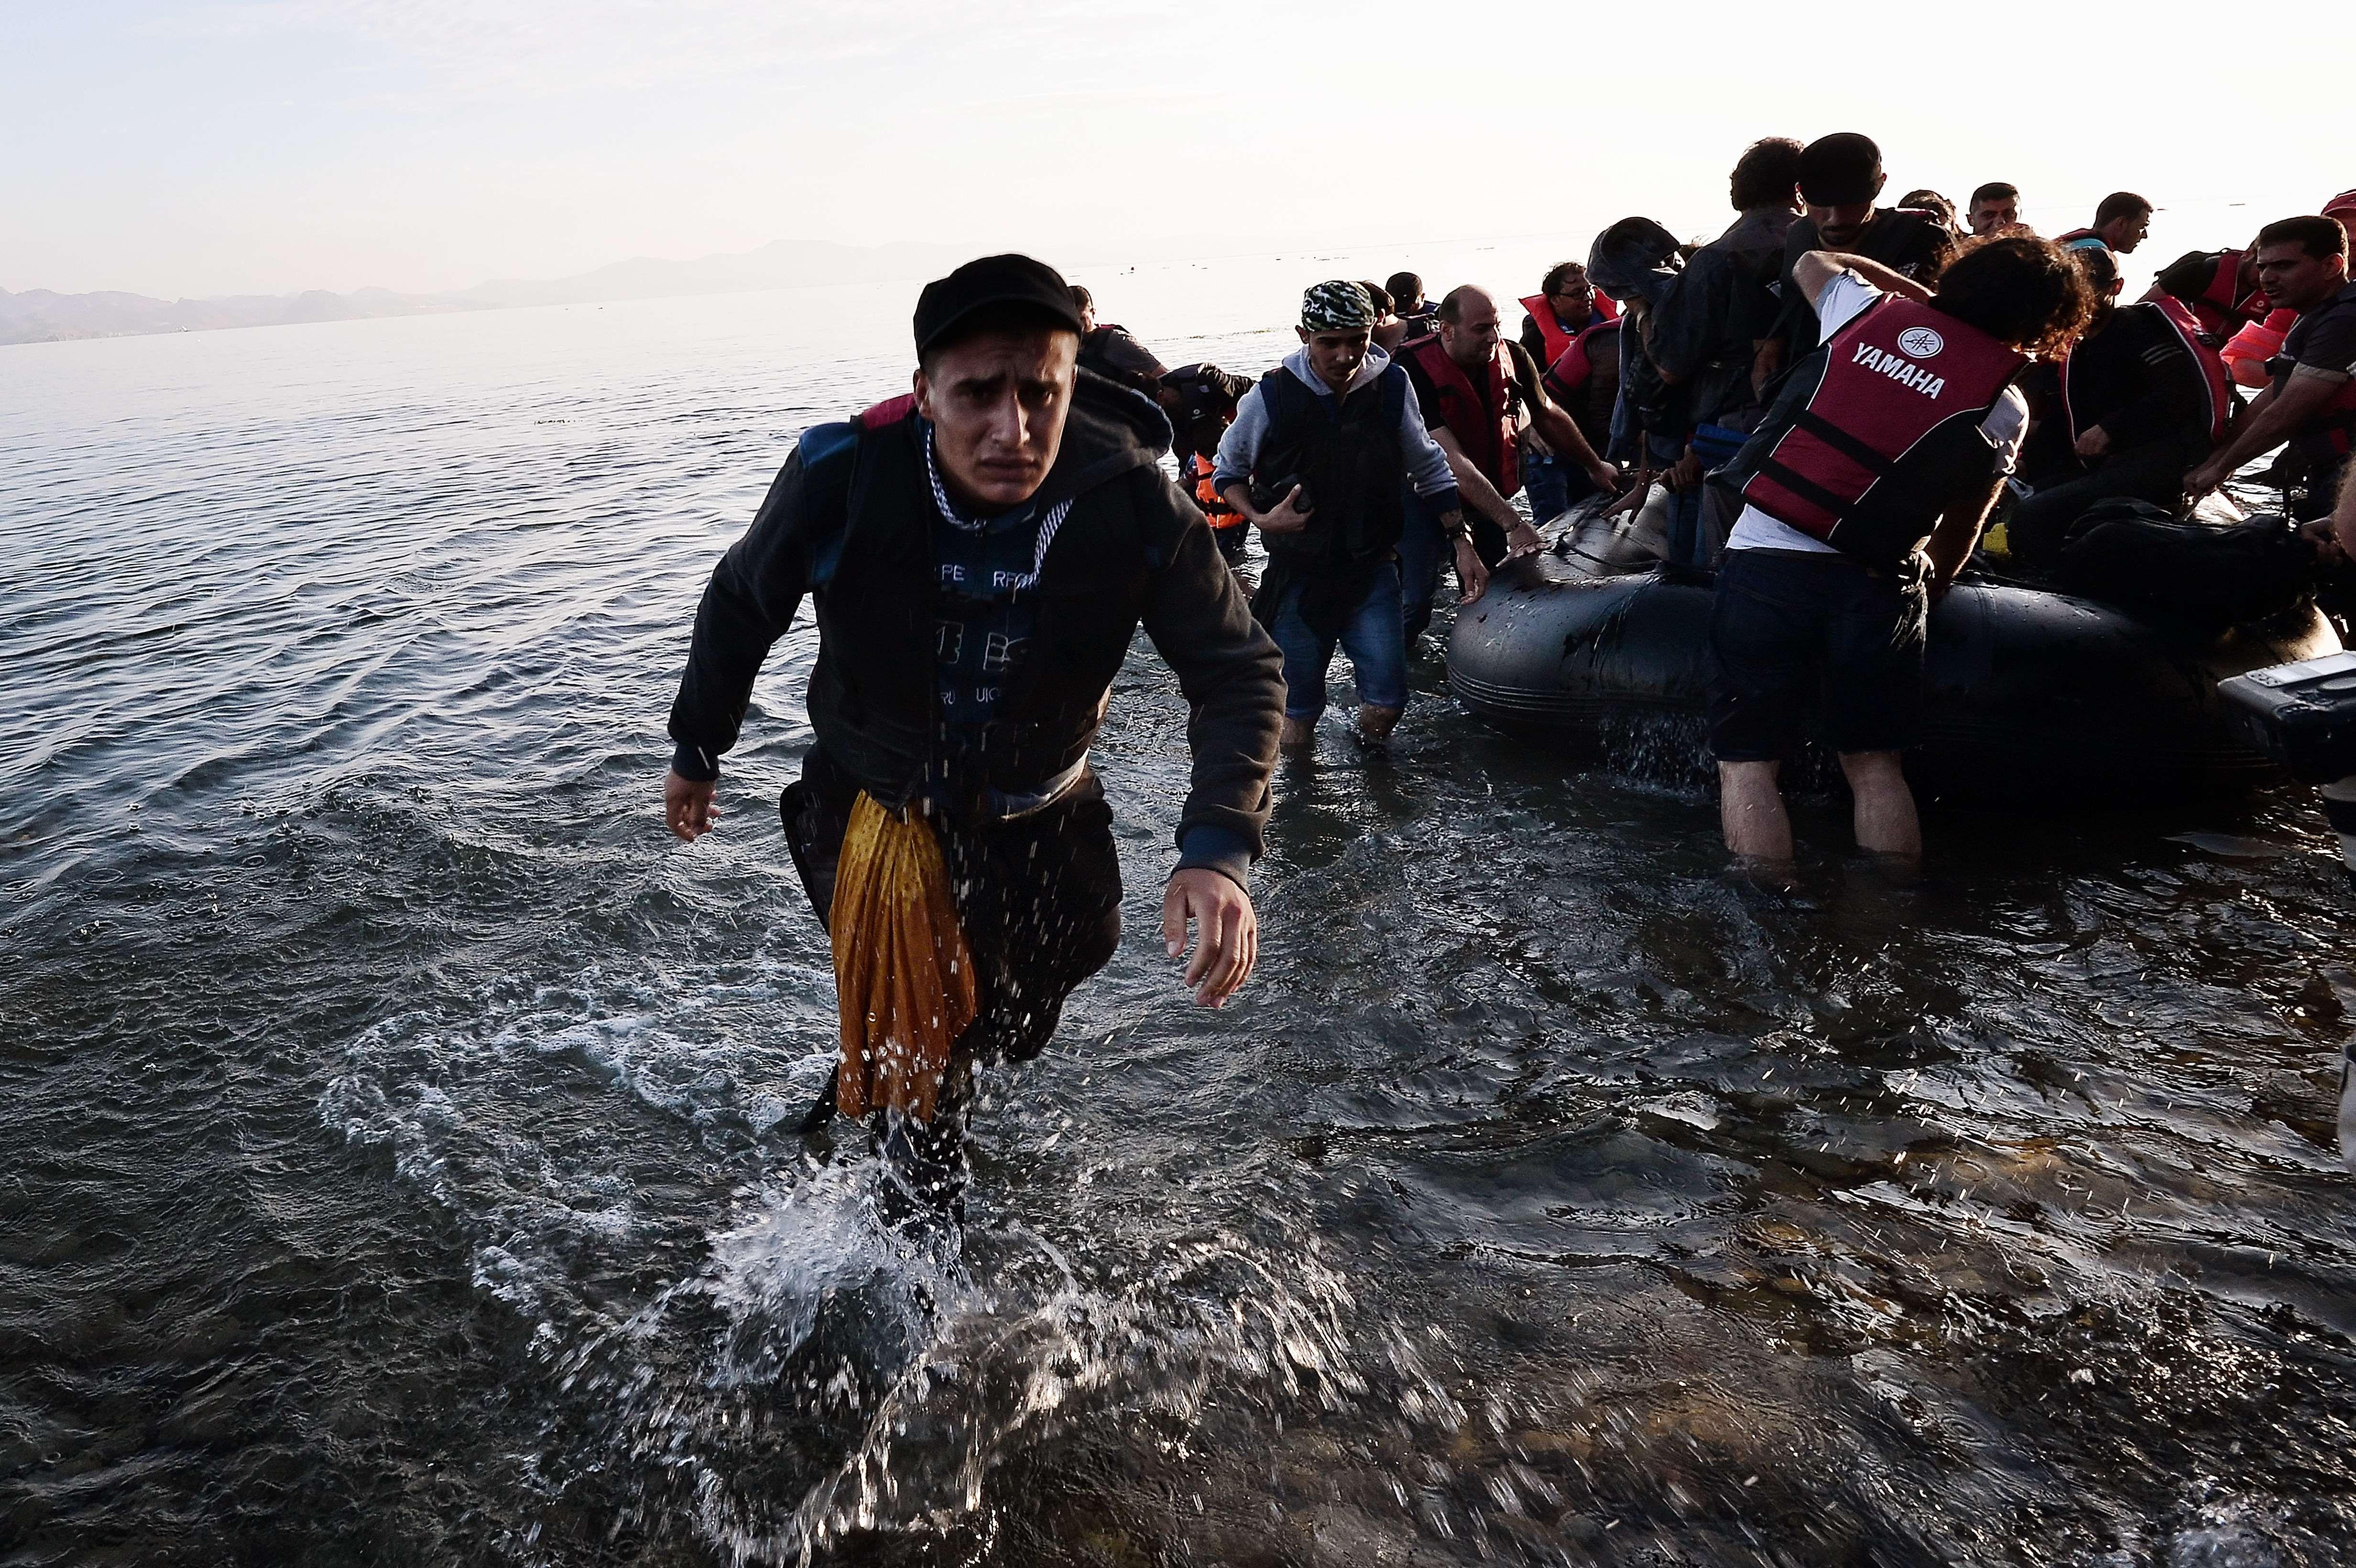 Het aantal verdachte jihadistendatals vluchtelingen naar Duitsland komen, is een stuk hoger dan verwacht. Voor veiligheidsdiensten wordt het almaar moeilijker mogelijke terroristen onder de enorme stroom migranten te identificeren. Dat meldt de lokale krant Neue Osnabücker Zeitung (NOZ), die gegevens opvroeg van het Duitse Bundeskriminalambt, de federale politie. Identificeren Lees ook: IS-terroristen maken dankbaar gebruik … Continued